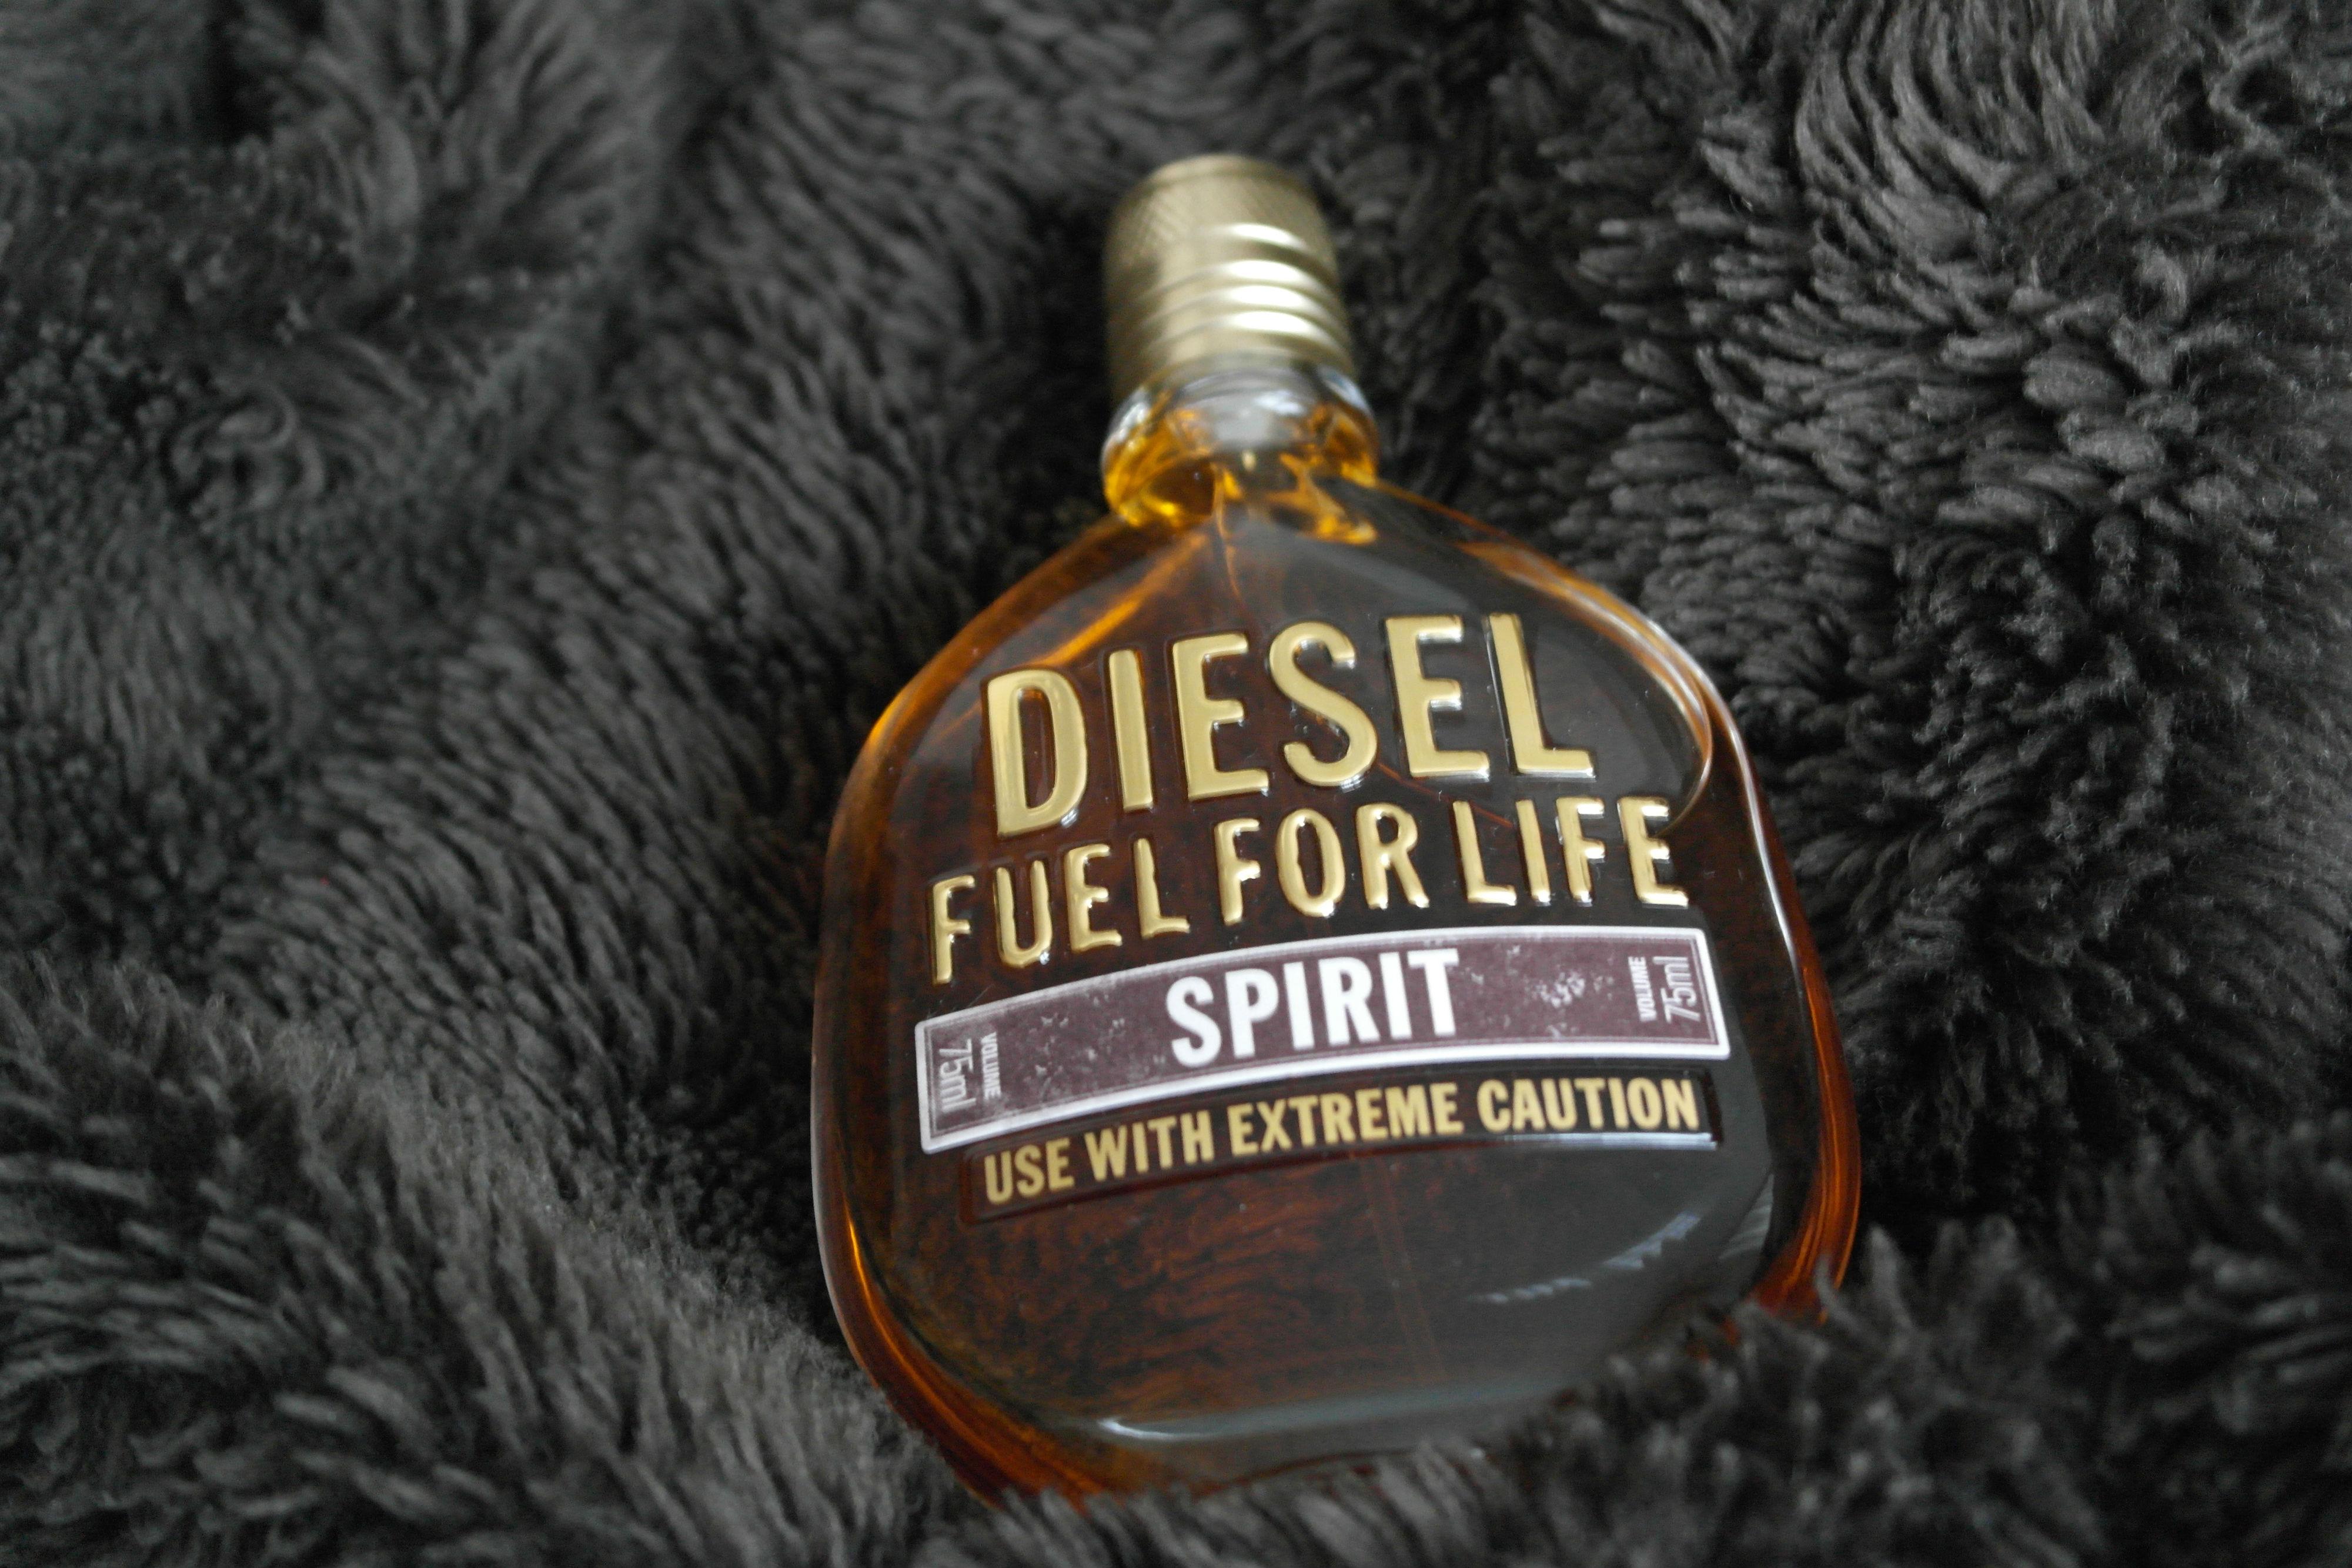 diesel fuel for life spirit. Black Bedroom Furniture Sets. Home Design Ideas